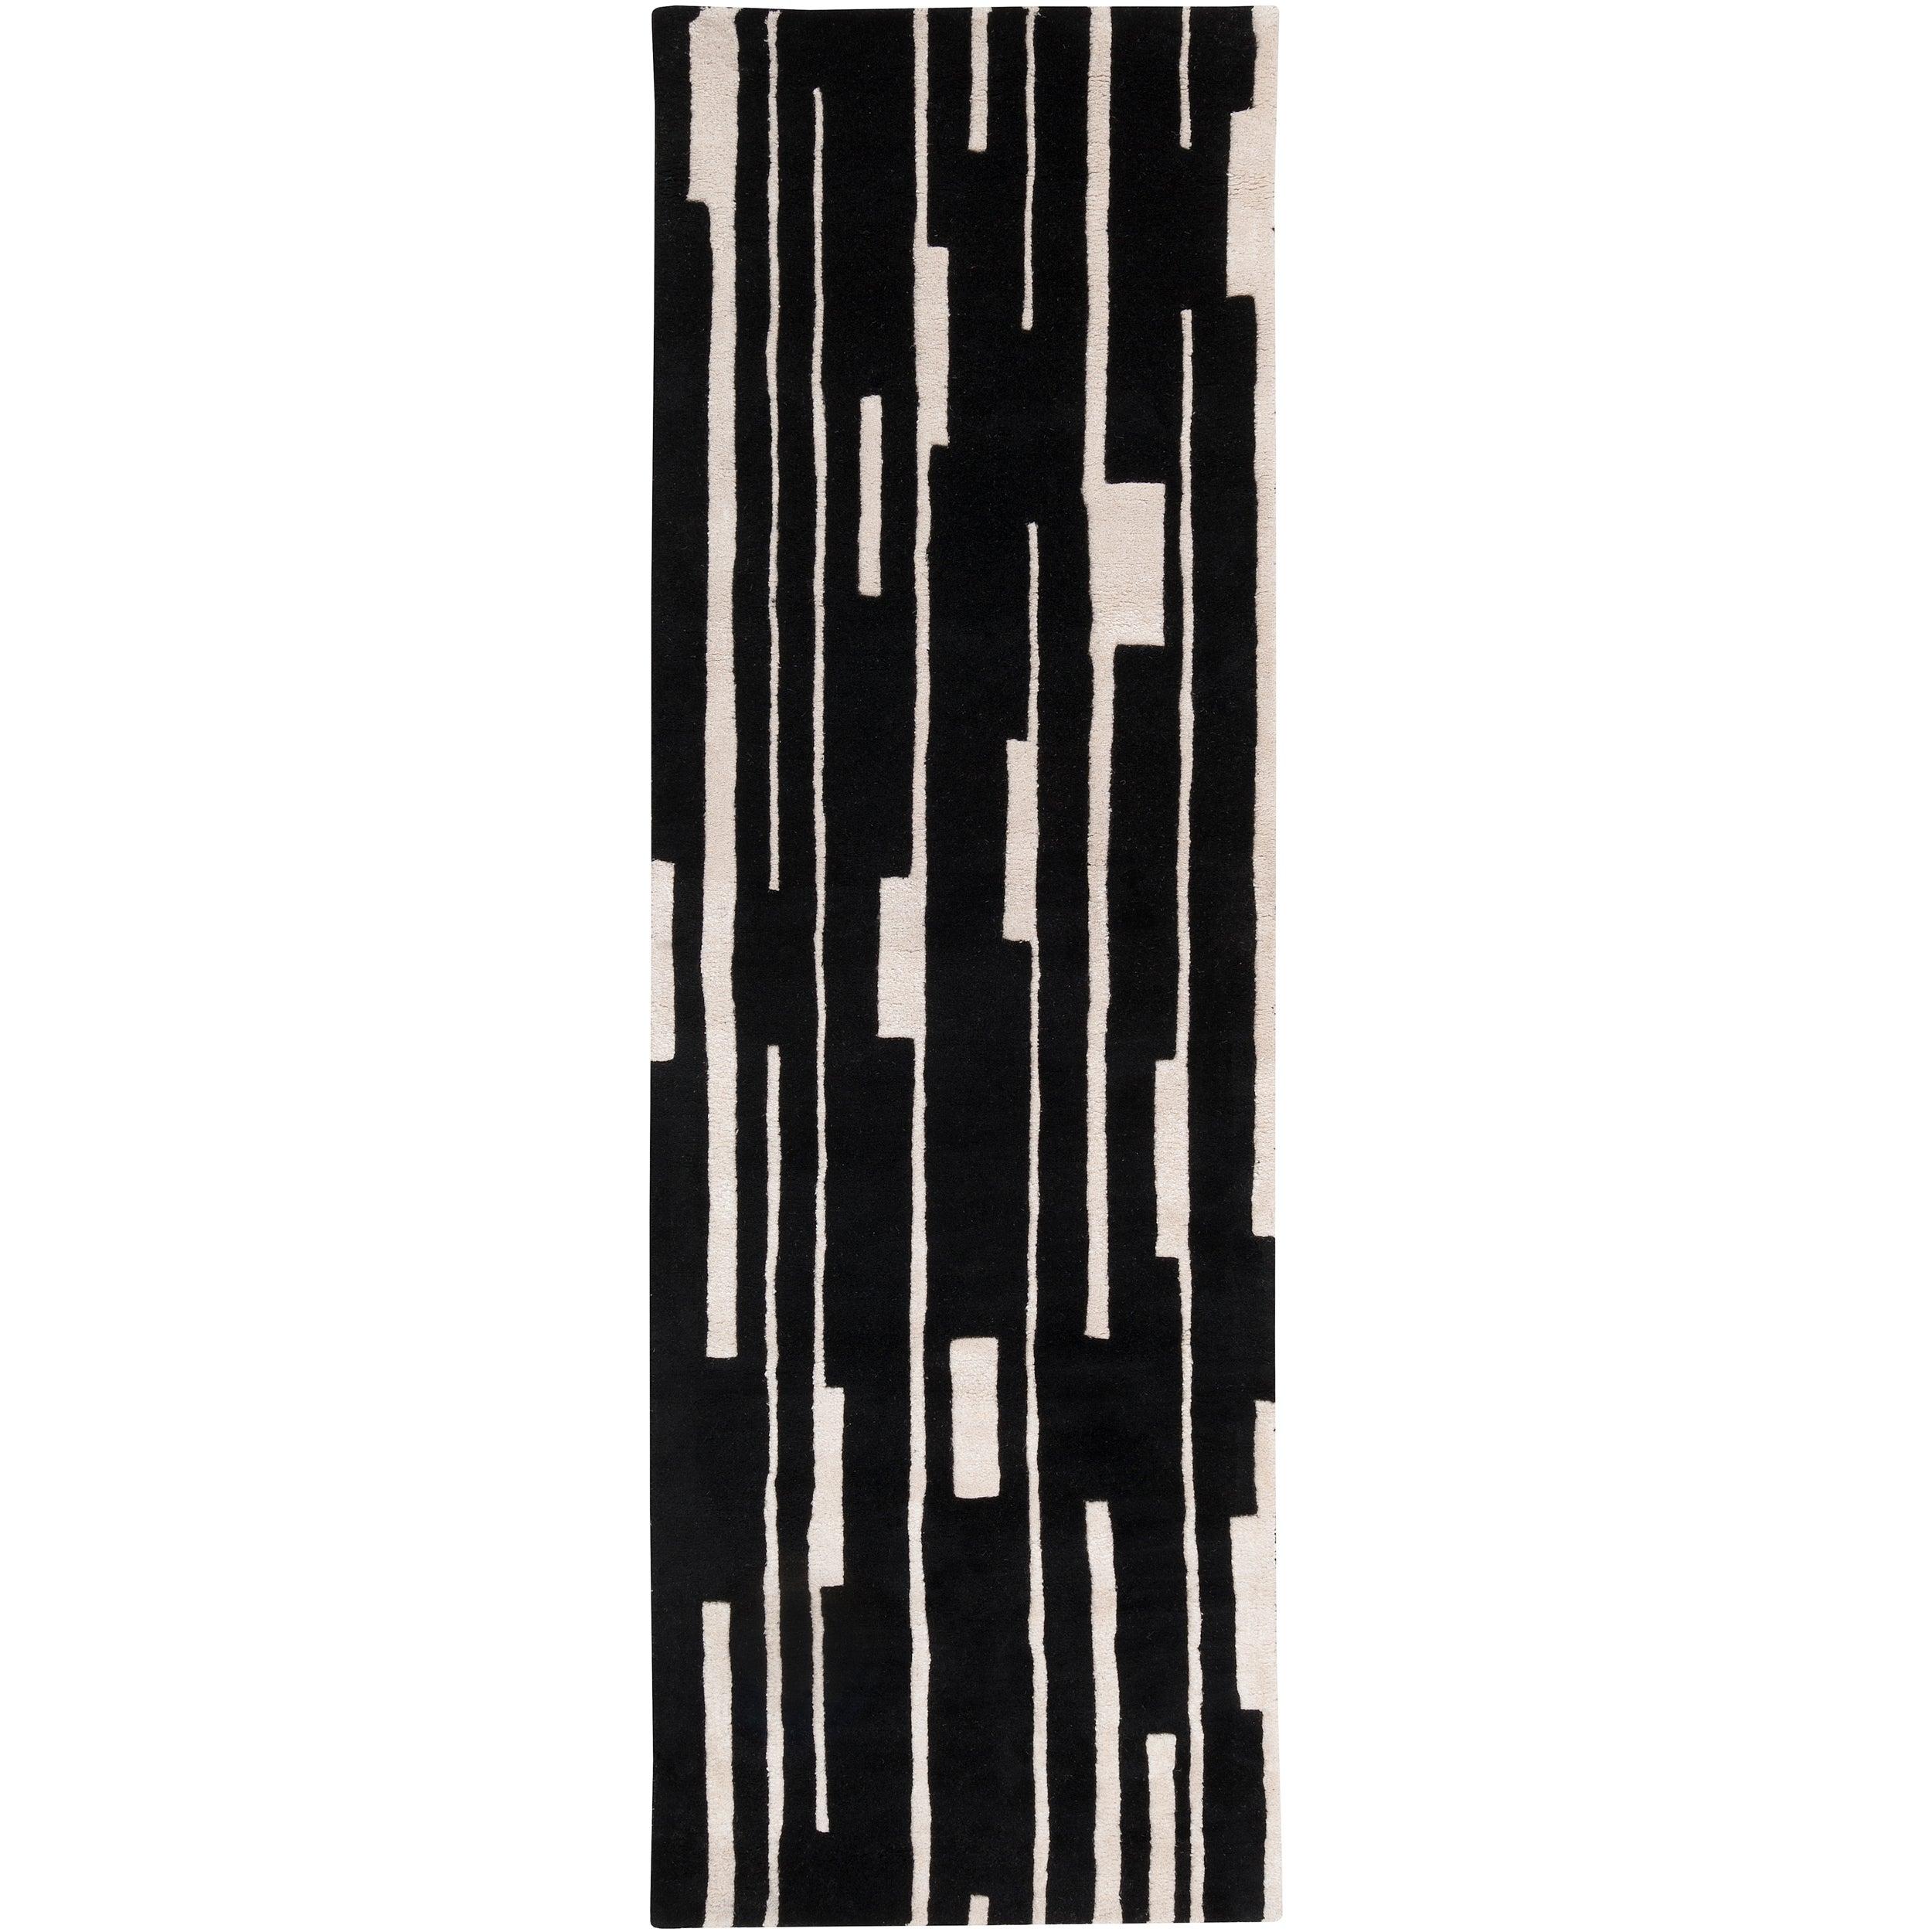 Hand-tufted Black Cane Geometric Wool Rug (2'6 x 8')